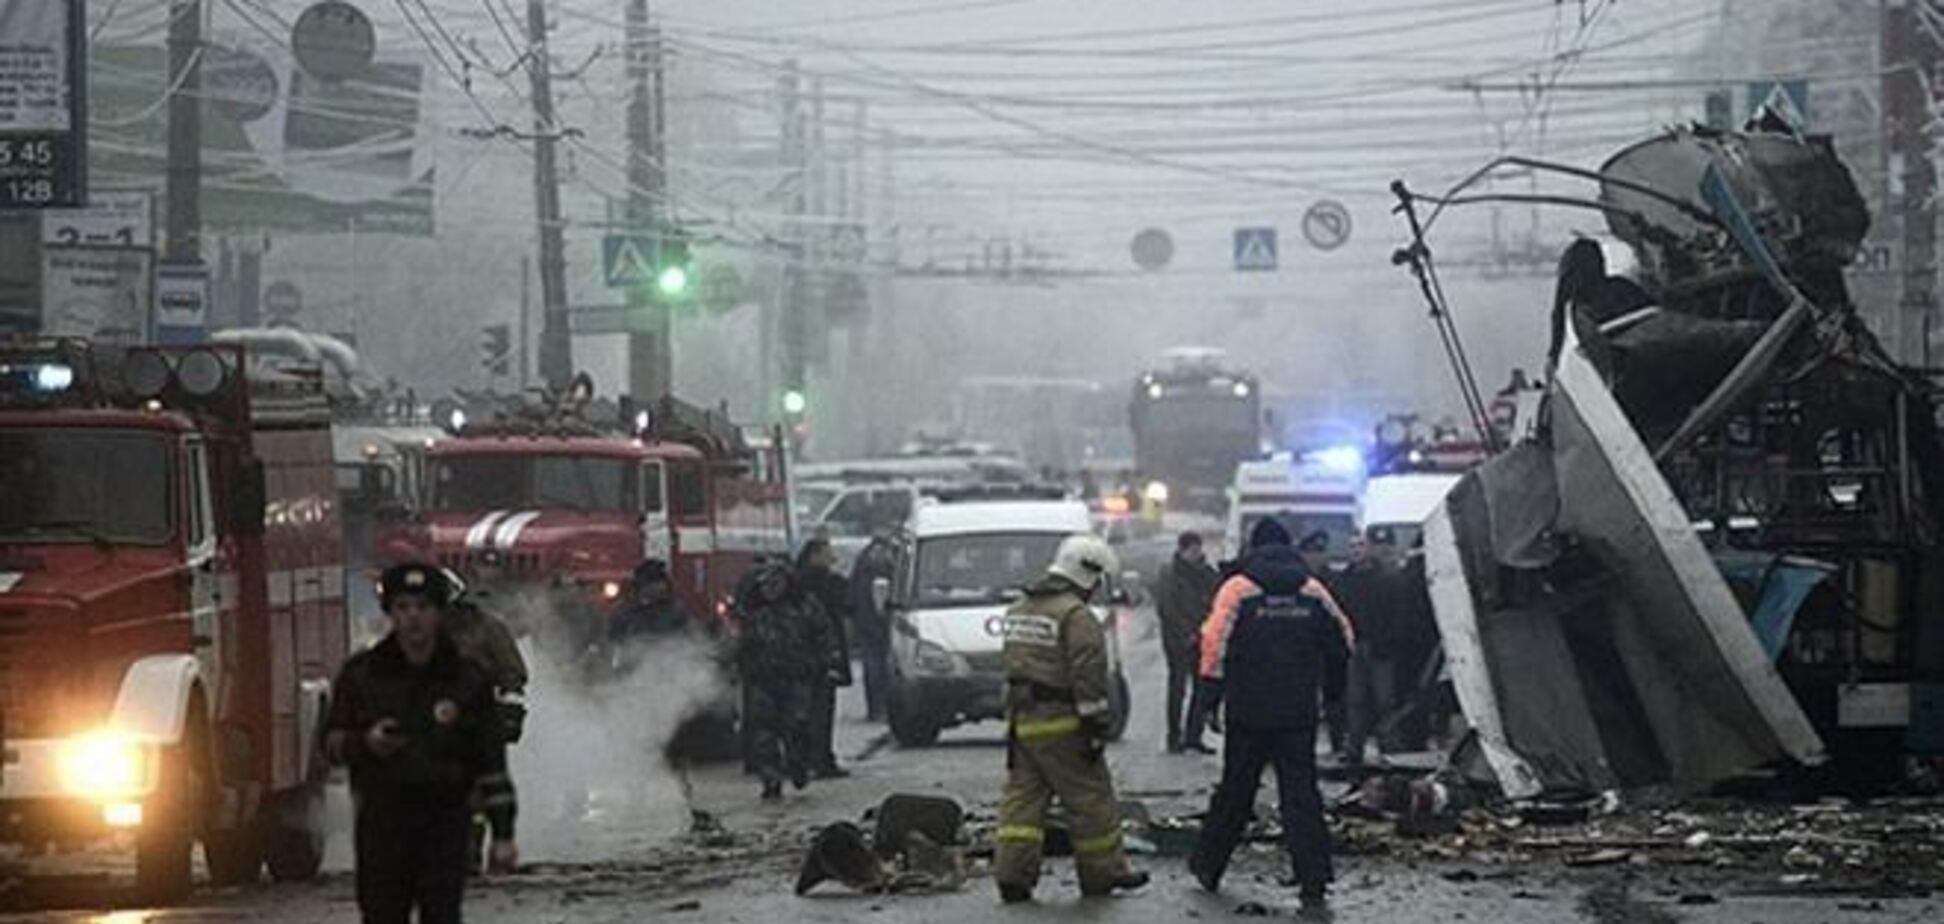 Состояние пяти пострадавших в Волгограде остается крайне тяжелым